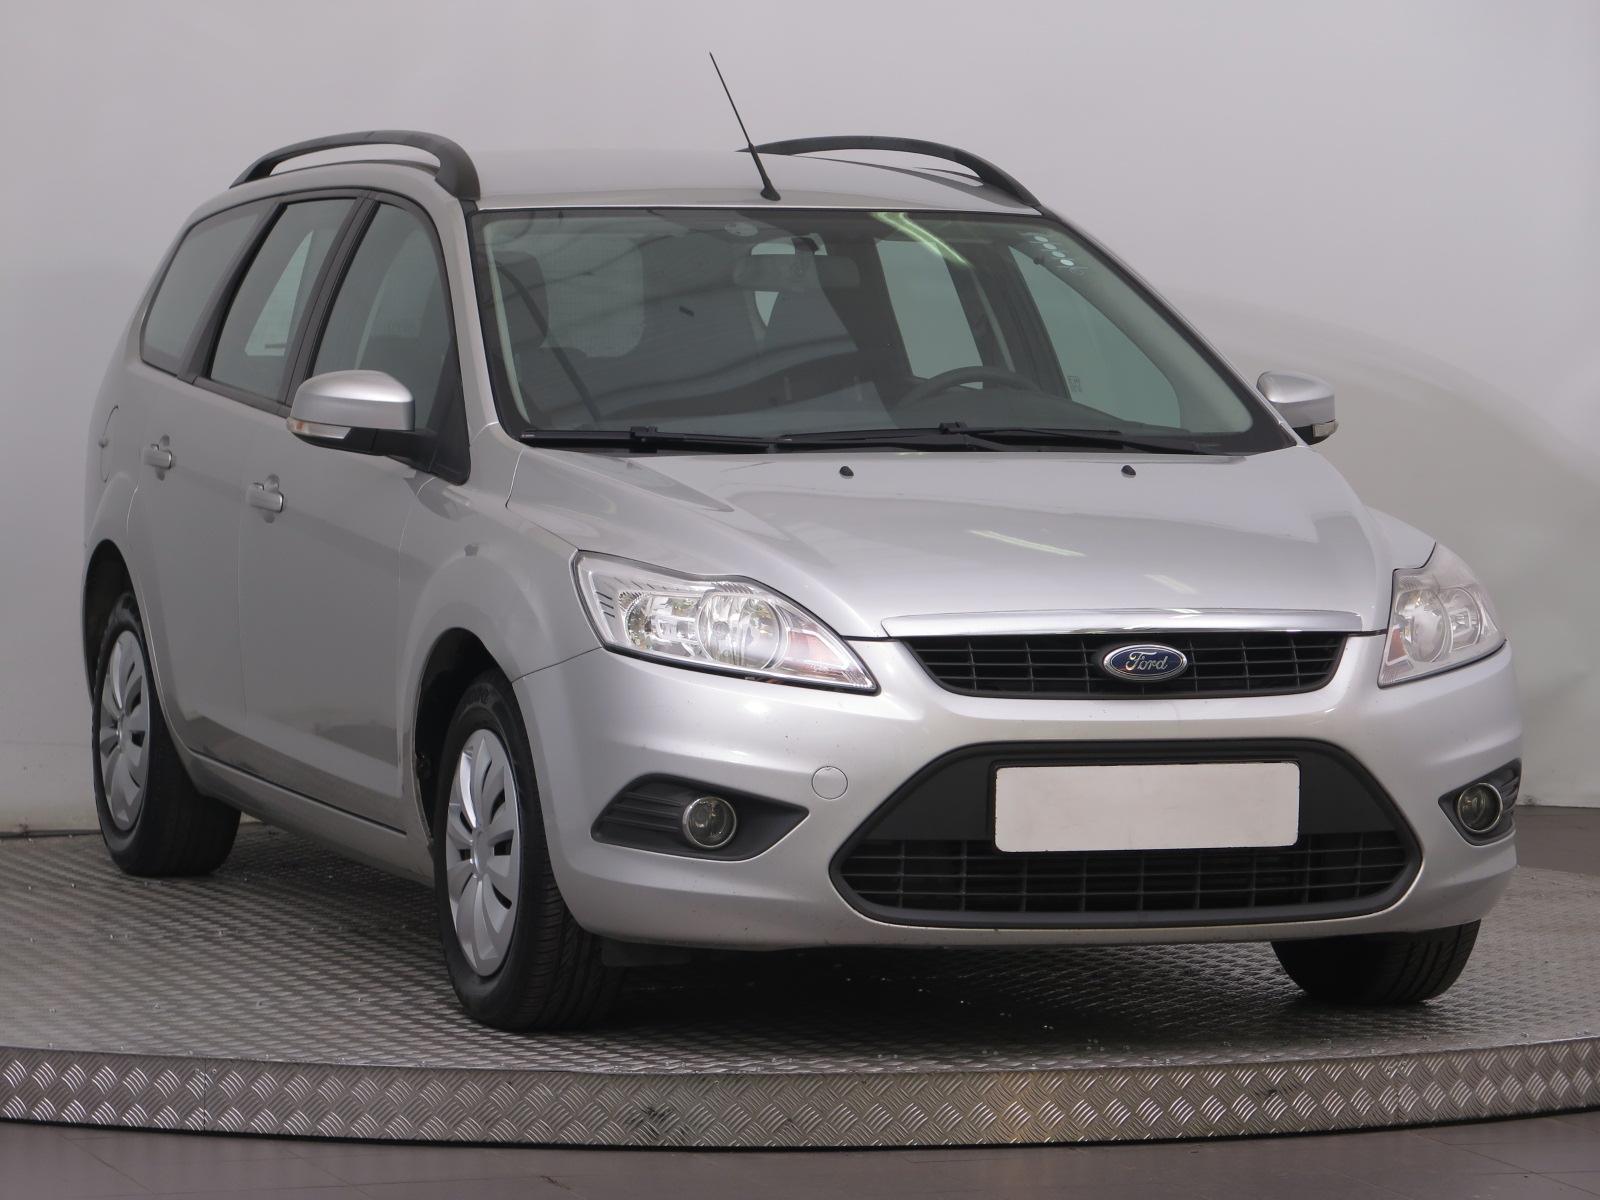 Ford Focus 1.6 TDCi 80kW kombi nafta